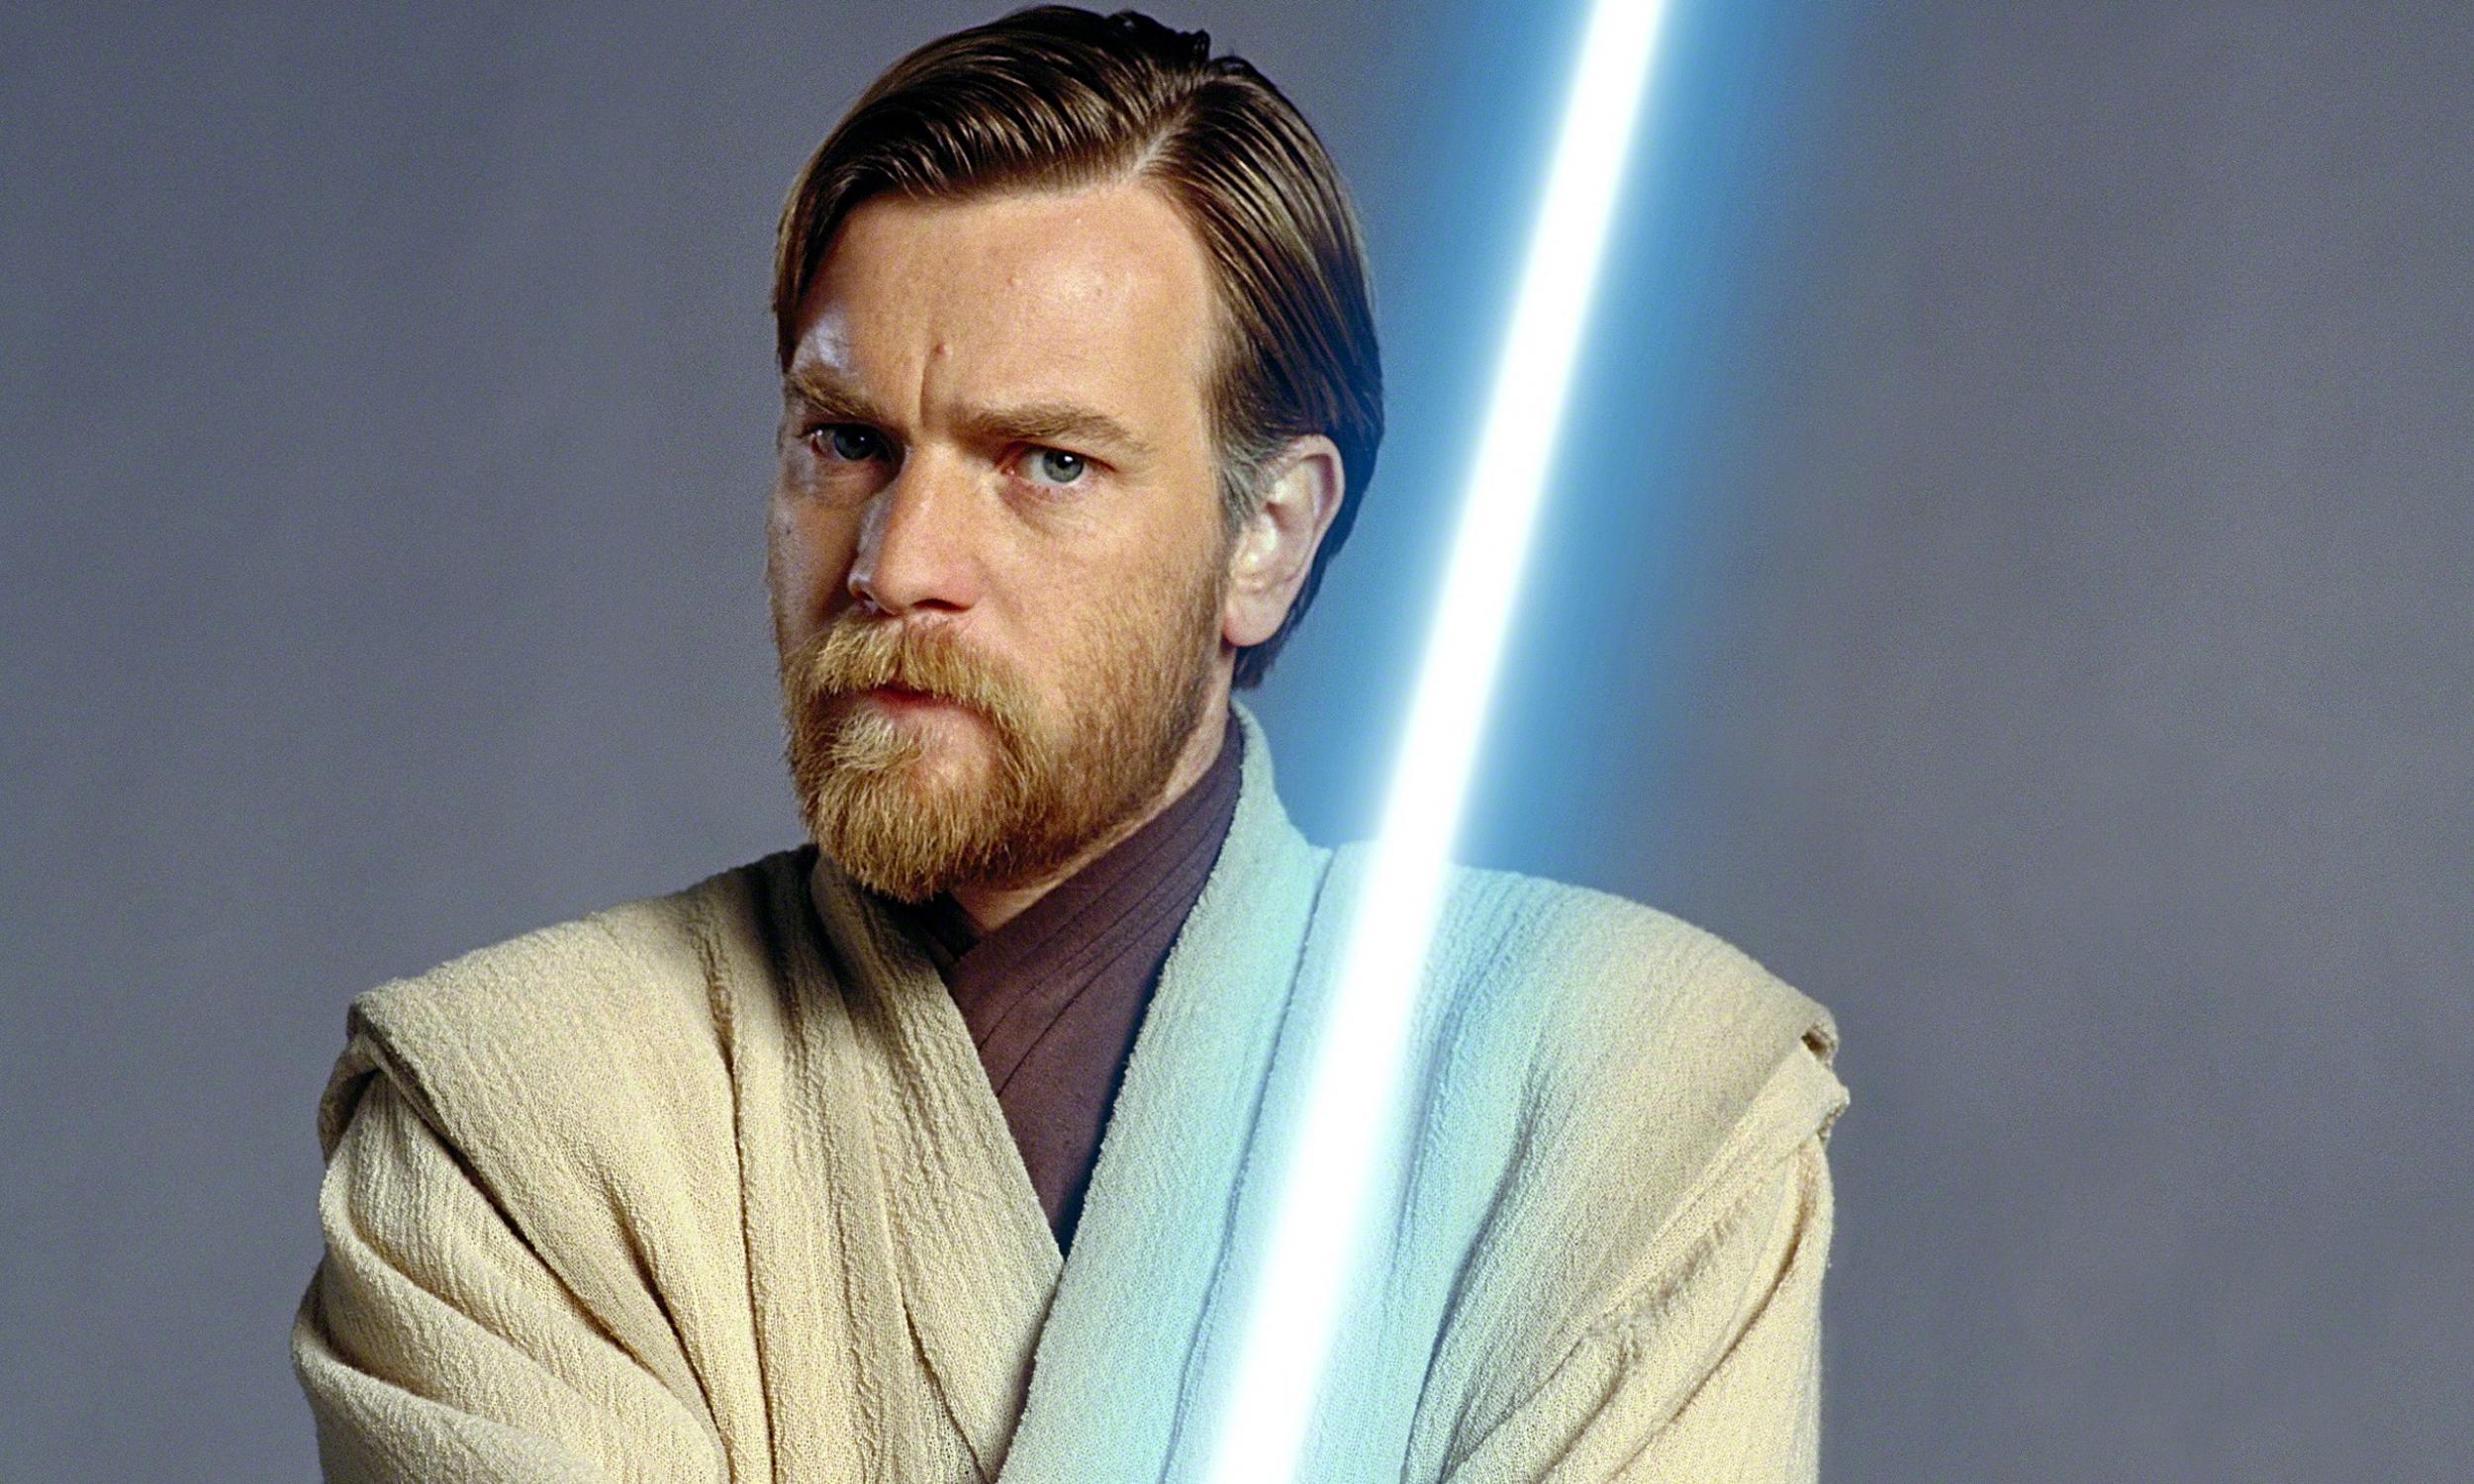 Obi-Wan Kenobi - Gwiezdne Wojny w innym wydaniu? Scenarzysta potwierdza plotki o reżyserze